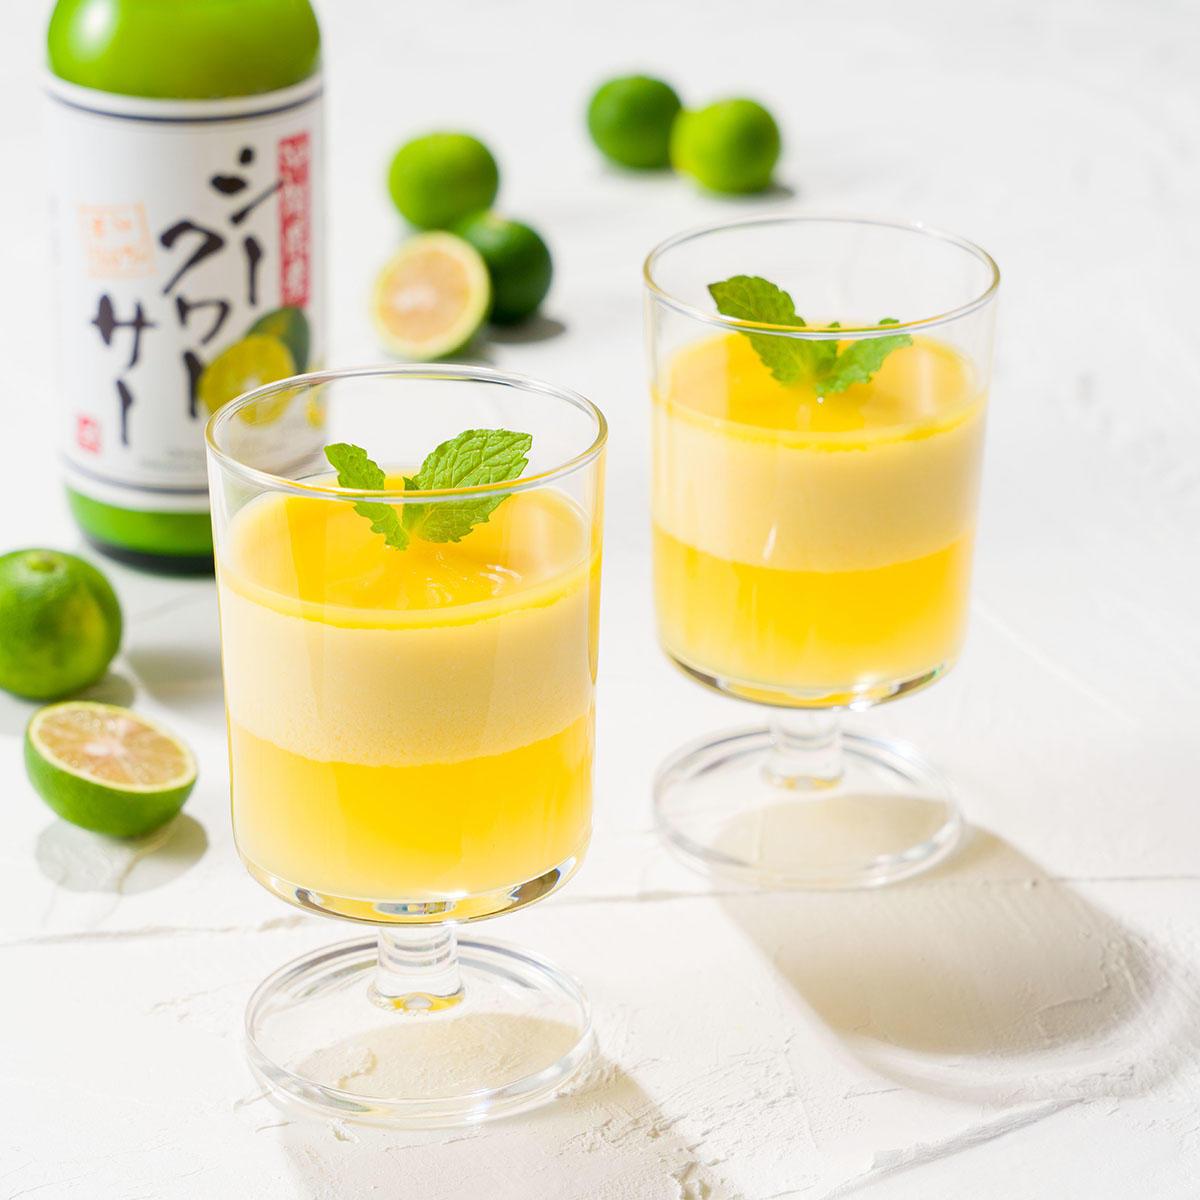 もへじ 沖縄県産シークヮーサー果汁100%